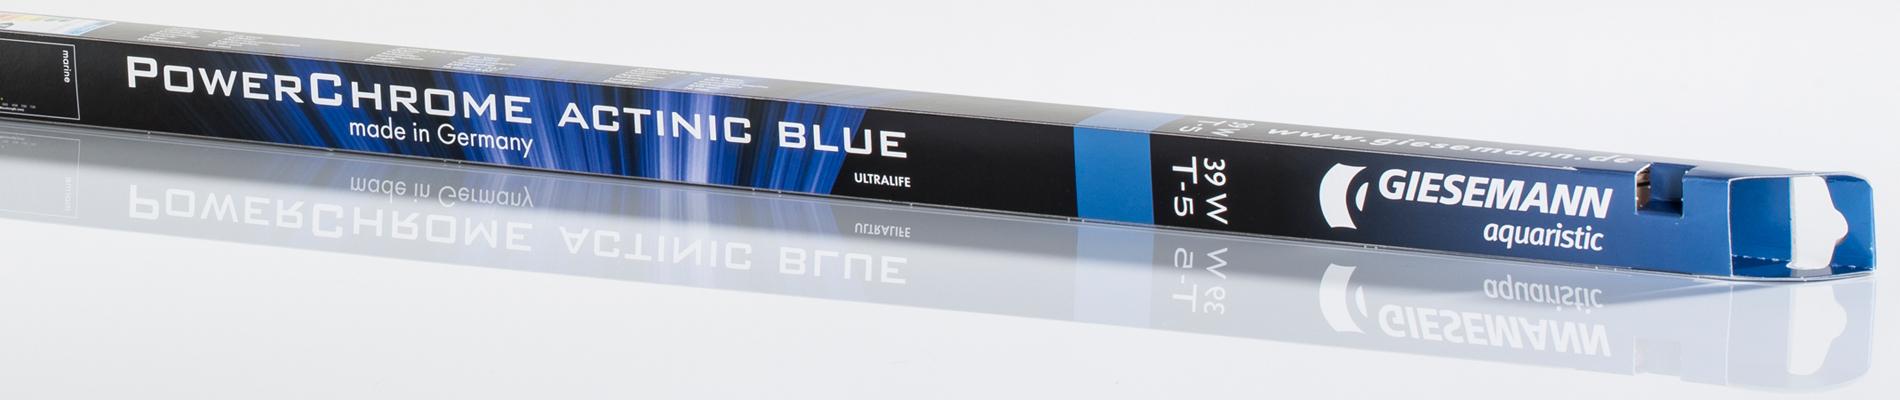 GIESEMANN® POWERCHROME T-5 ACTINIC BLUE 54 Watt